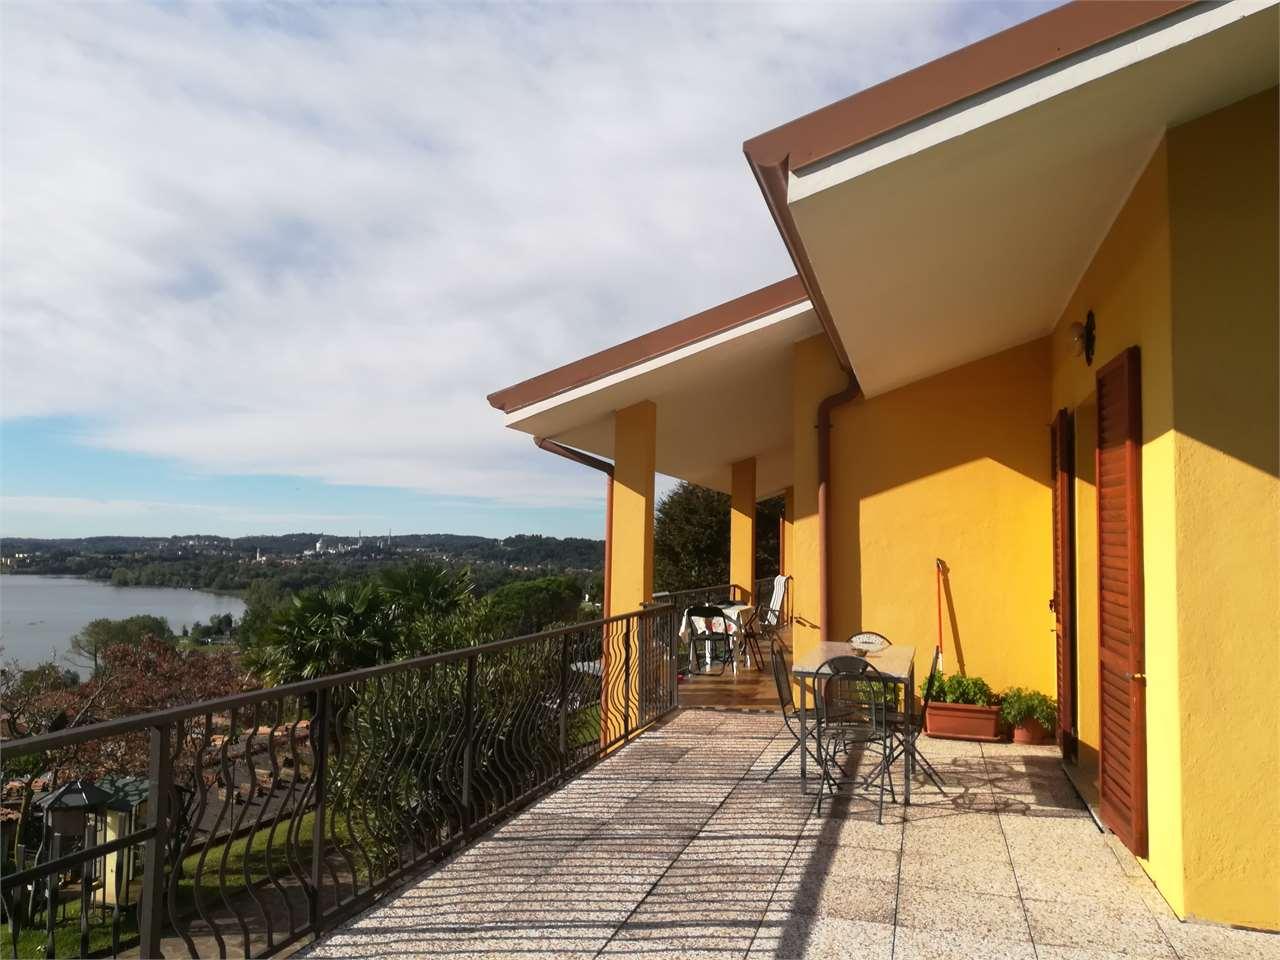 Villa in vendita a Eupilio, 8 locali, prezzo € 700.000 | CambioCasa.it